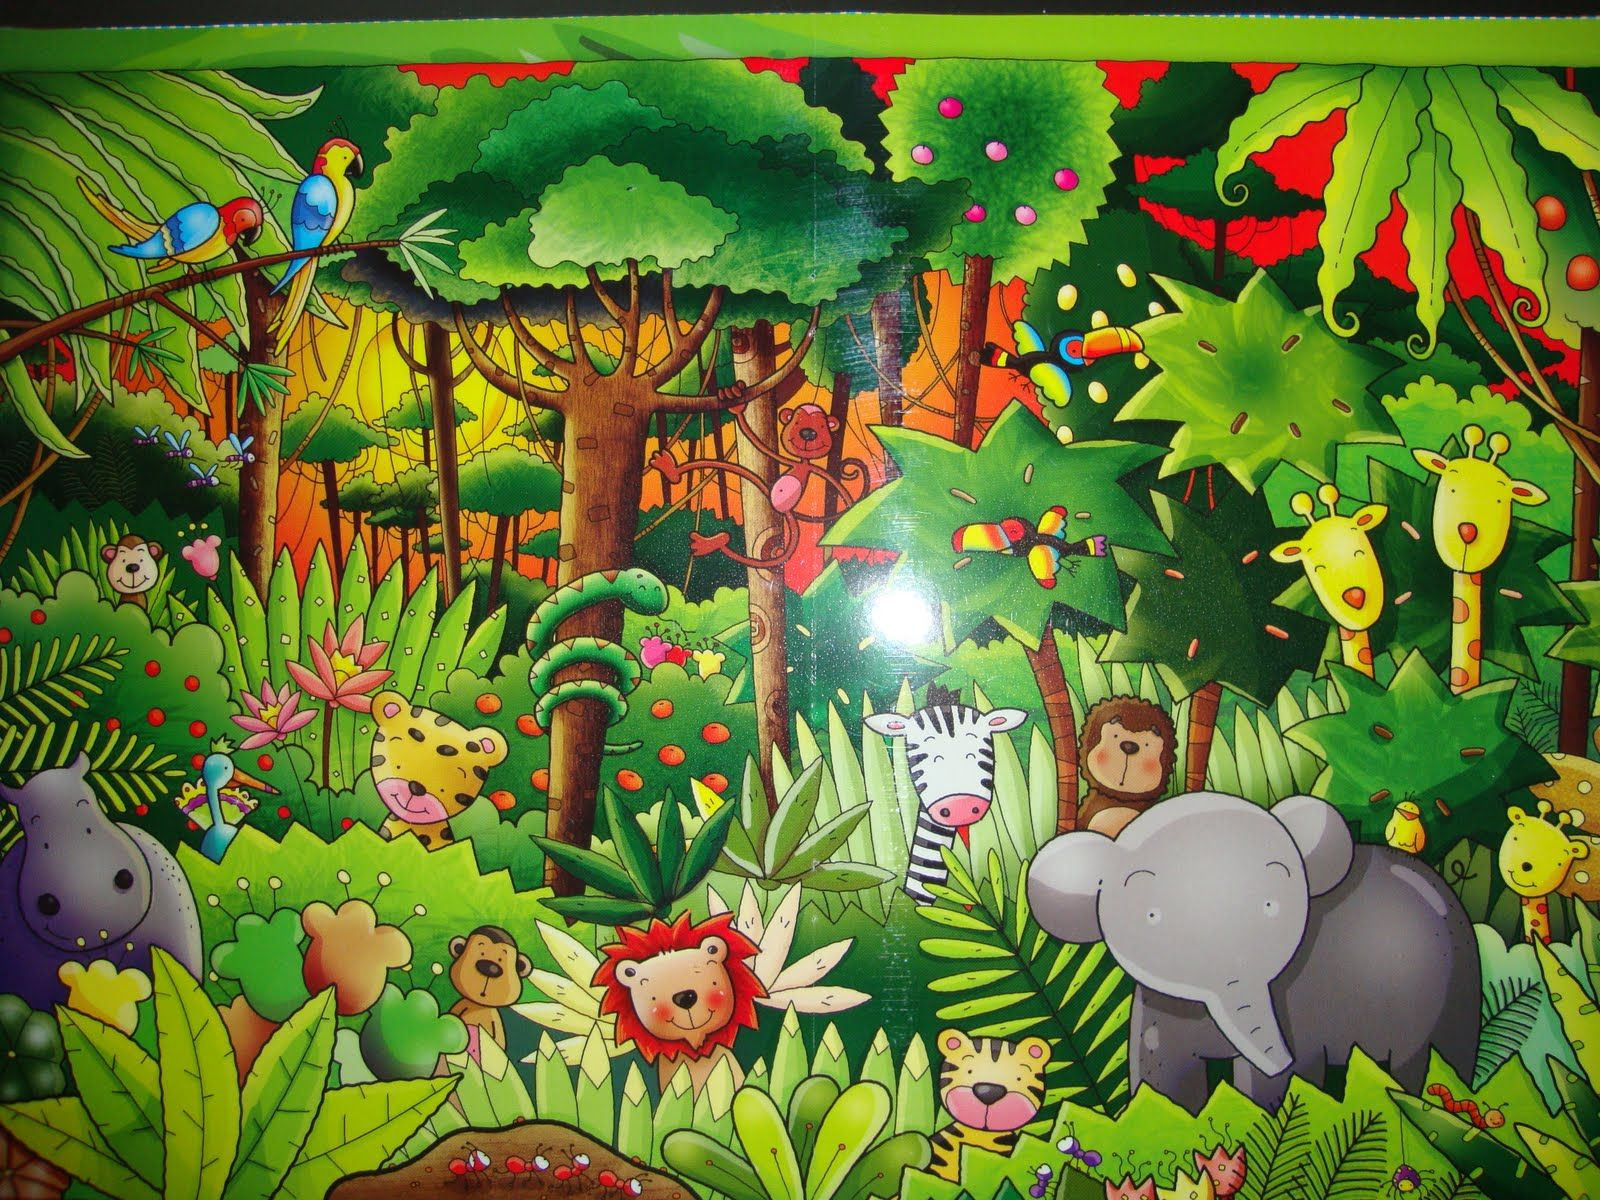 ilustraciones de arboles selvaticos - Buscar con Google | selva ...